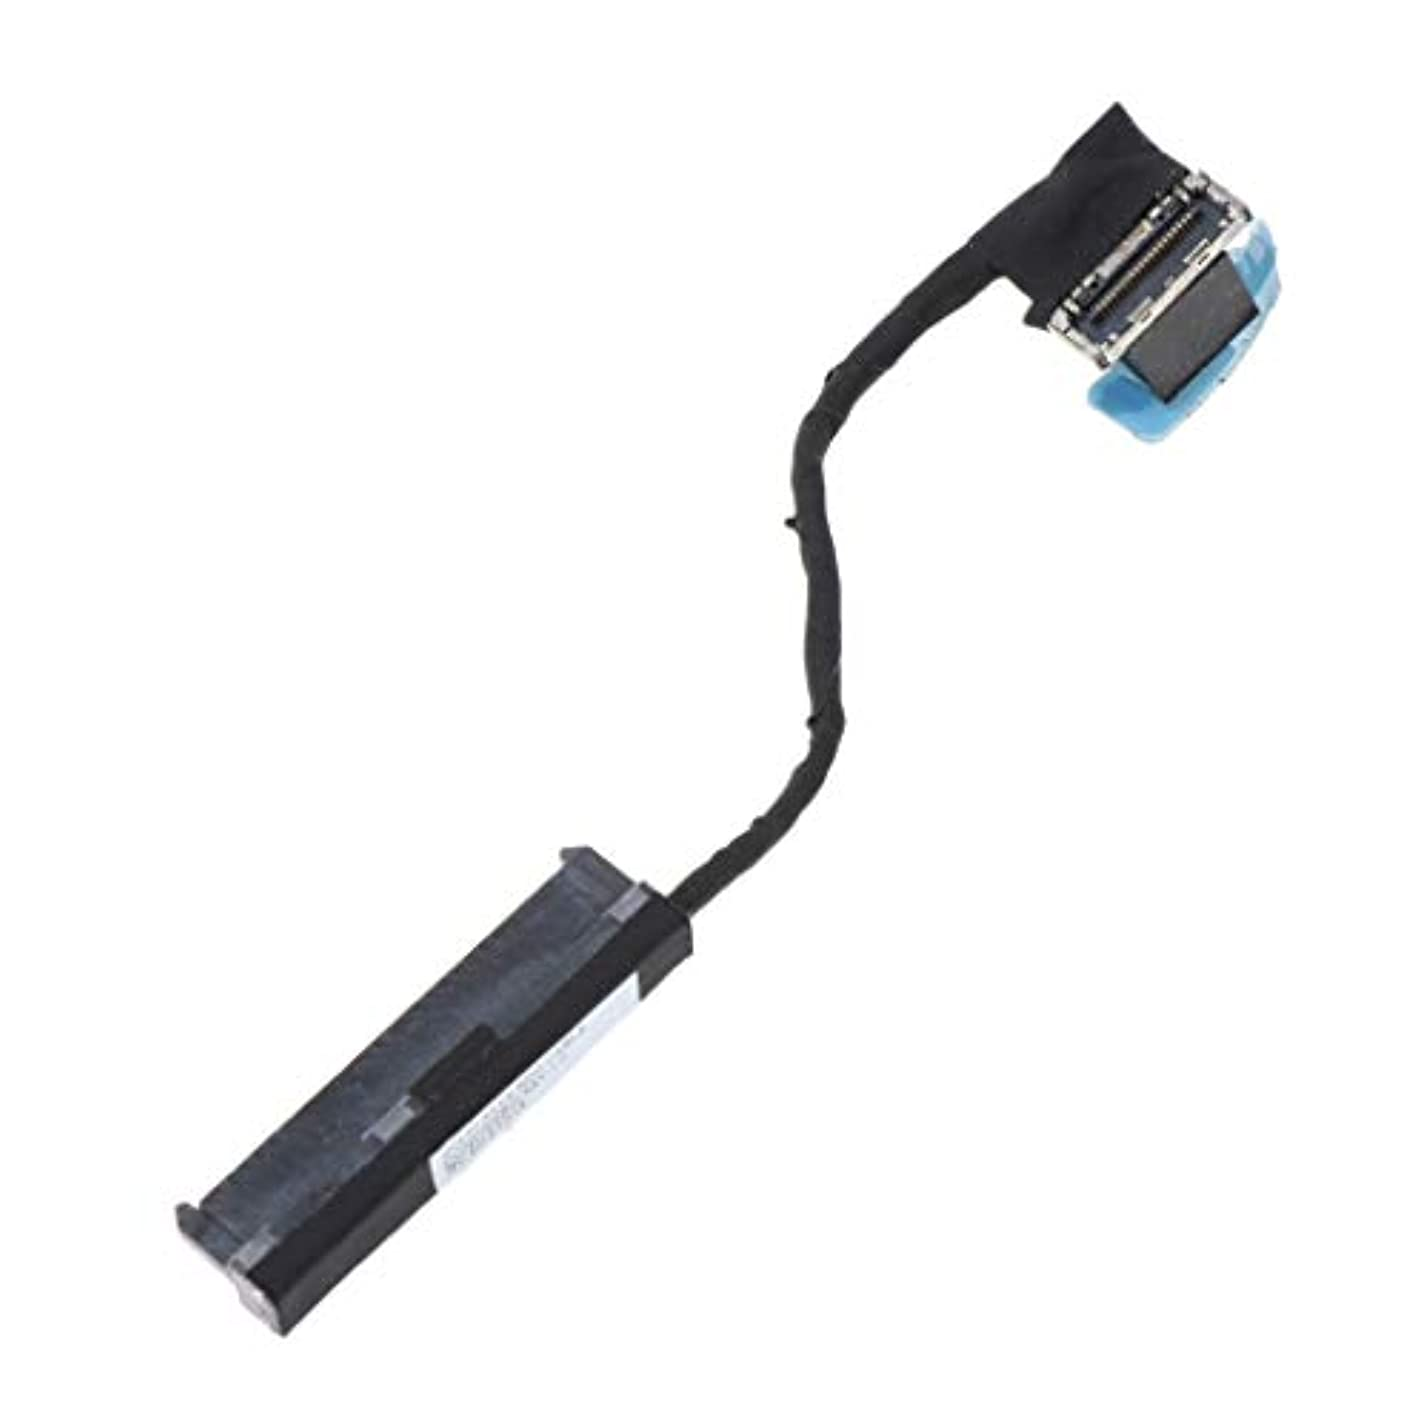 海安心信じられないD DOLITY ハードドライブHDDケーブル Asus K95V K95VM K95VJ K95VB YZ006Vラップトップ用